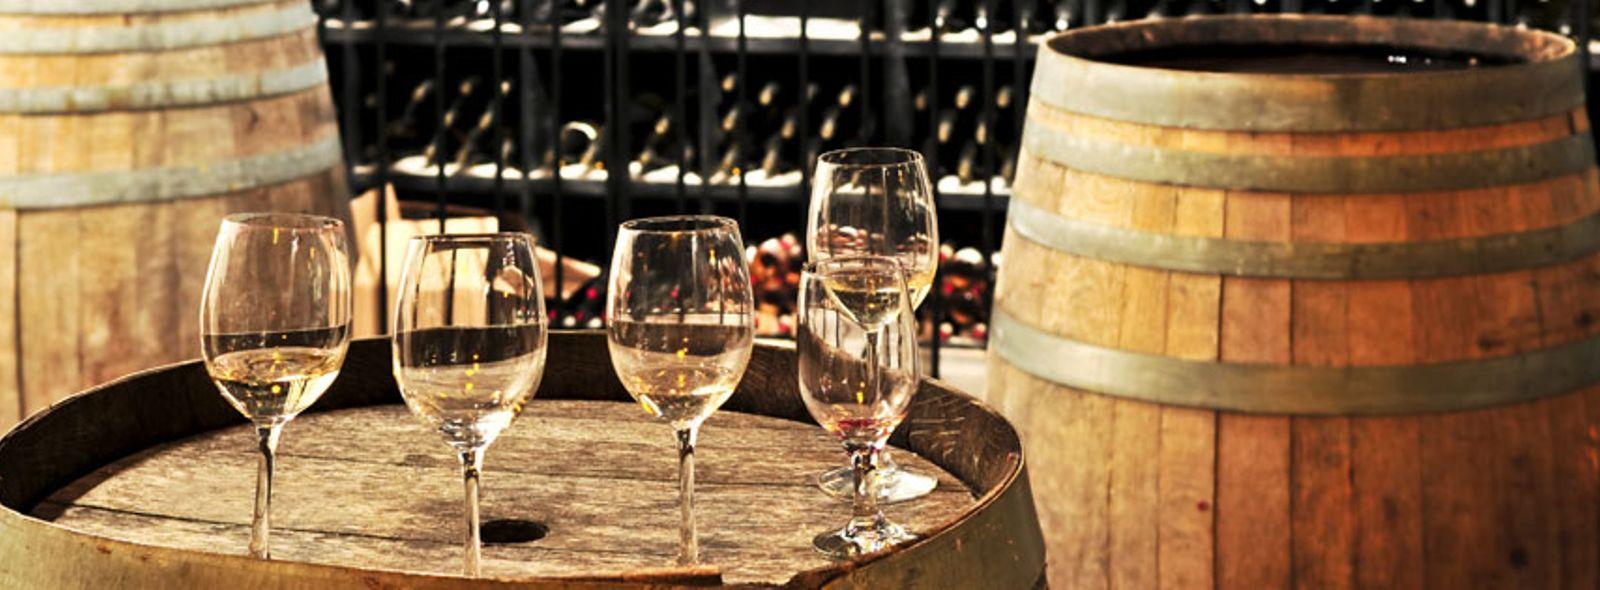 Itinerario degustazione vini novelli